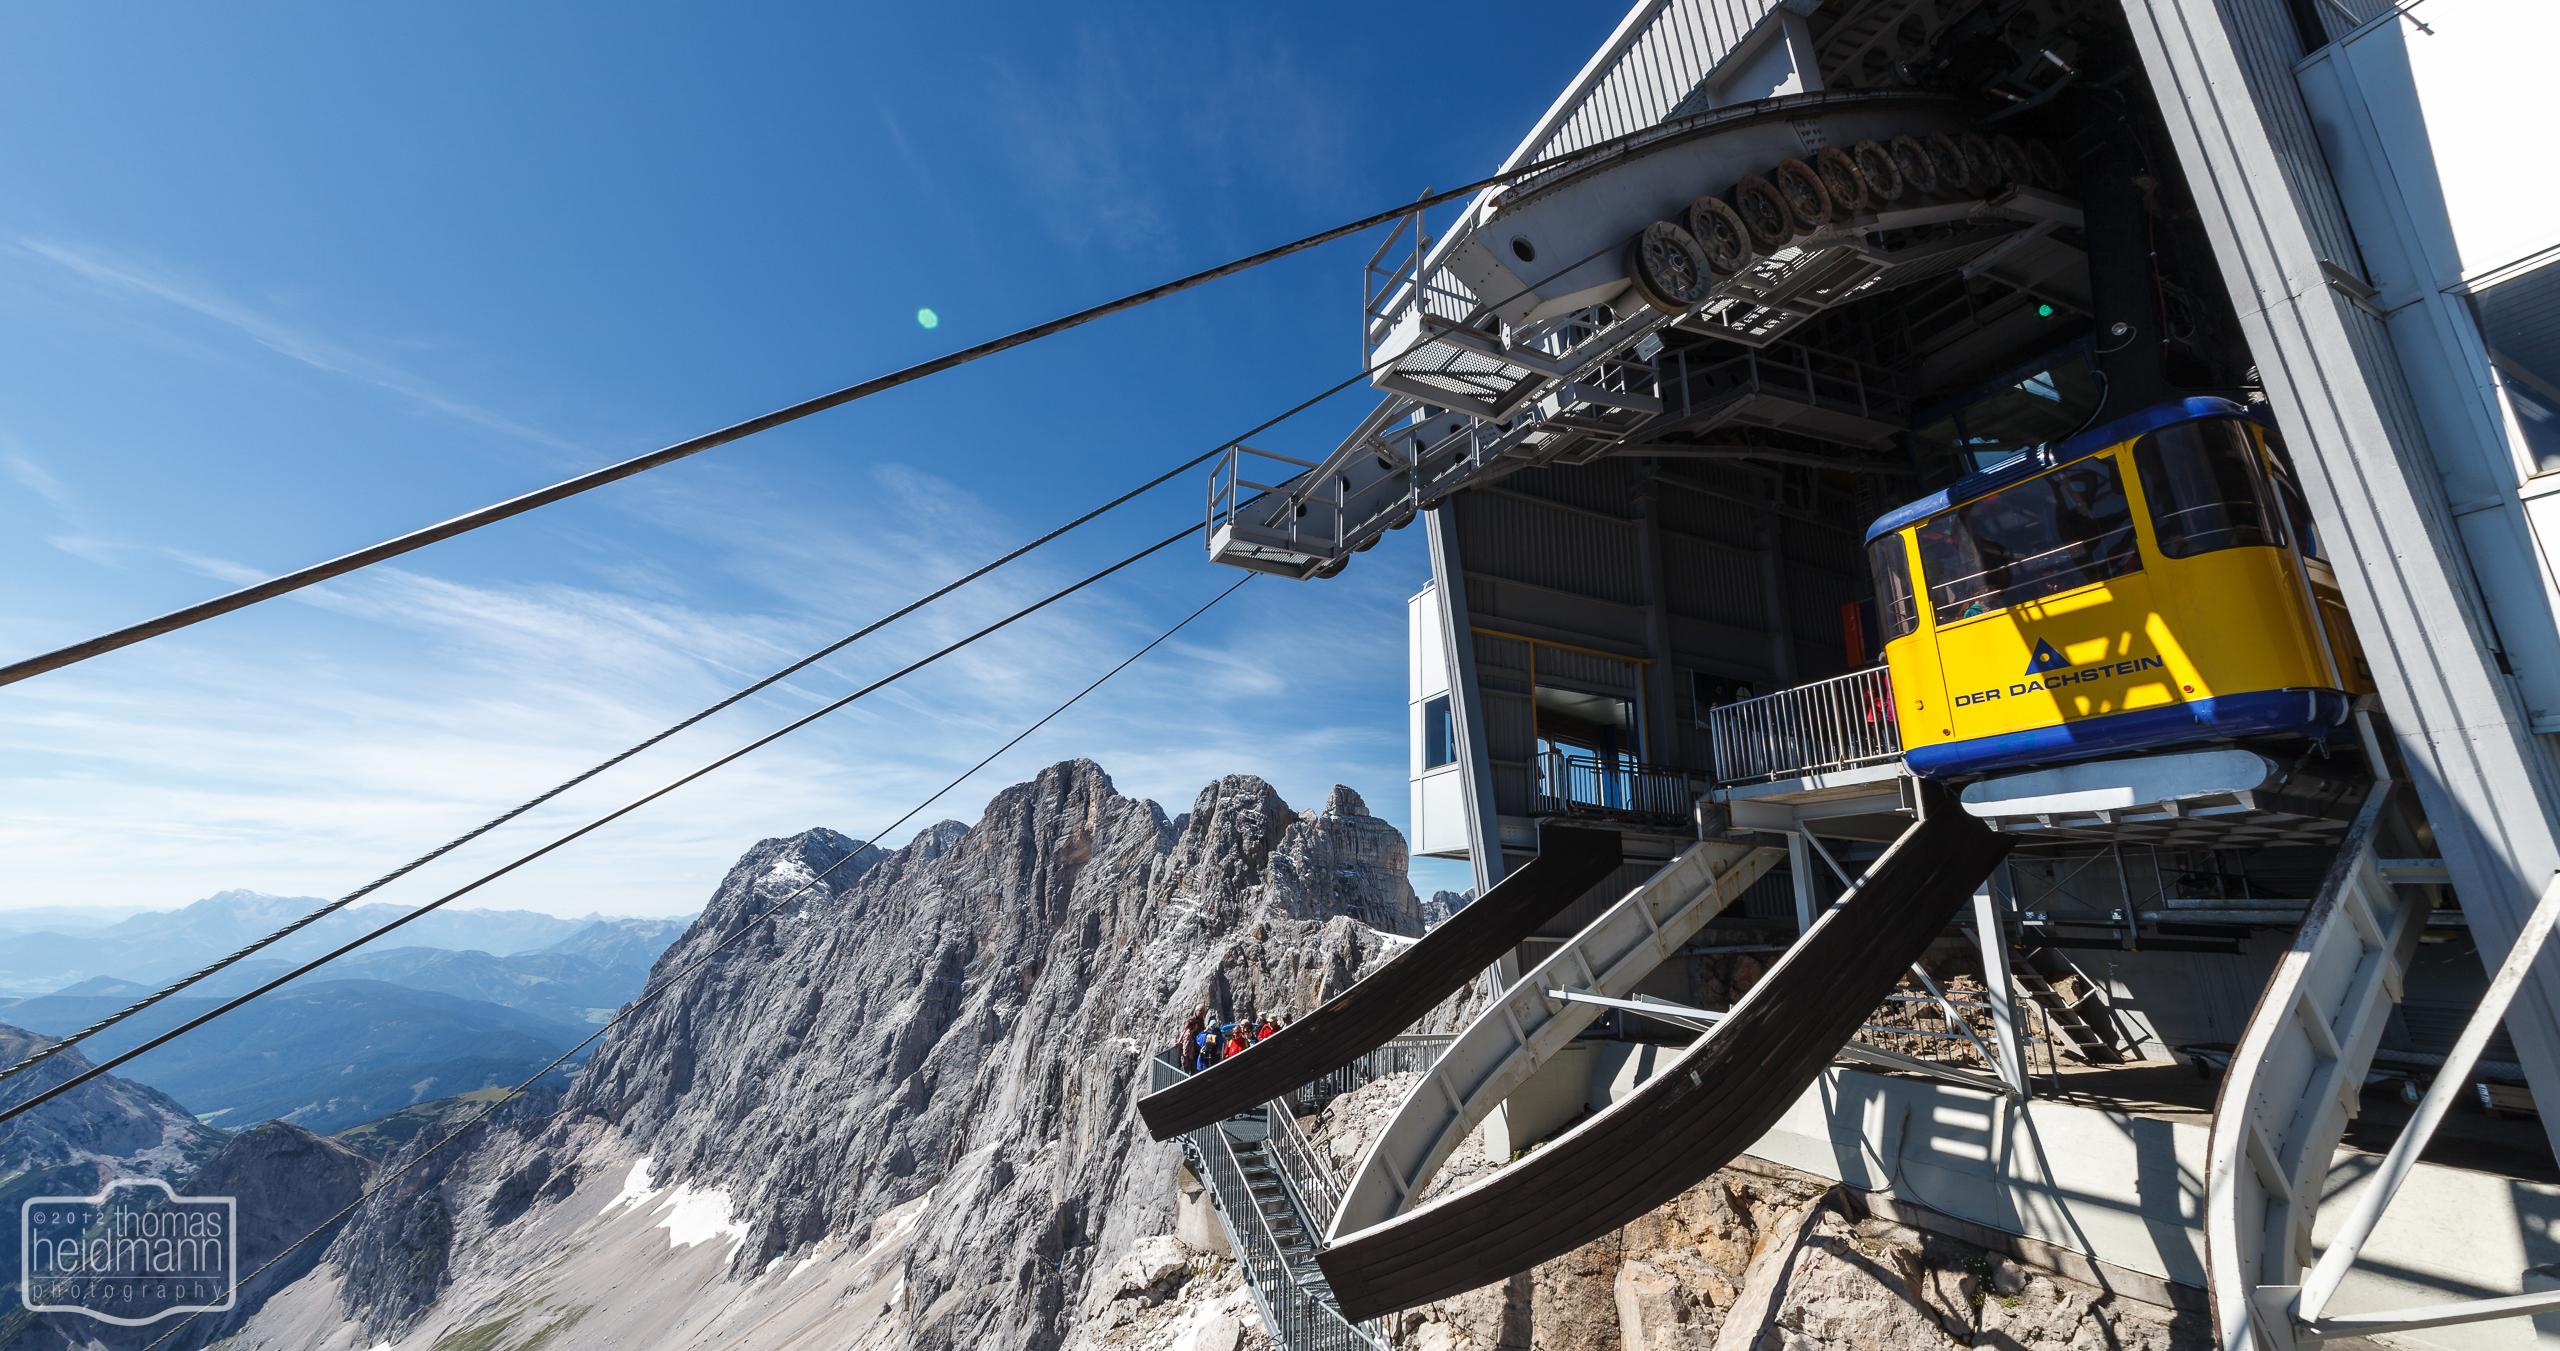 Gletscherstation der Seilbahn zum Dachstein